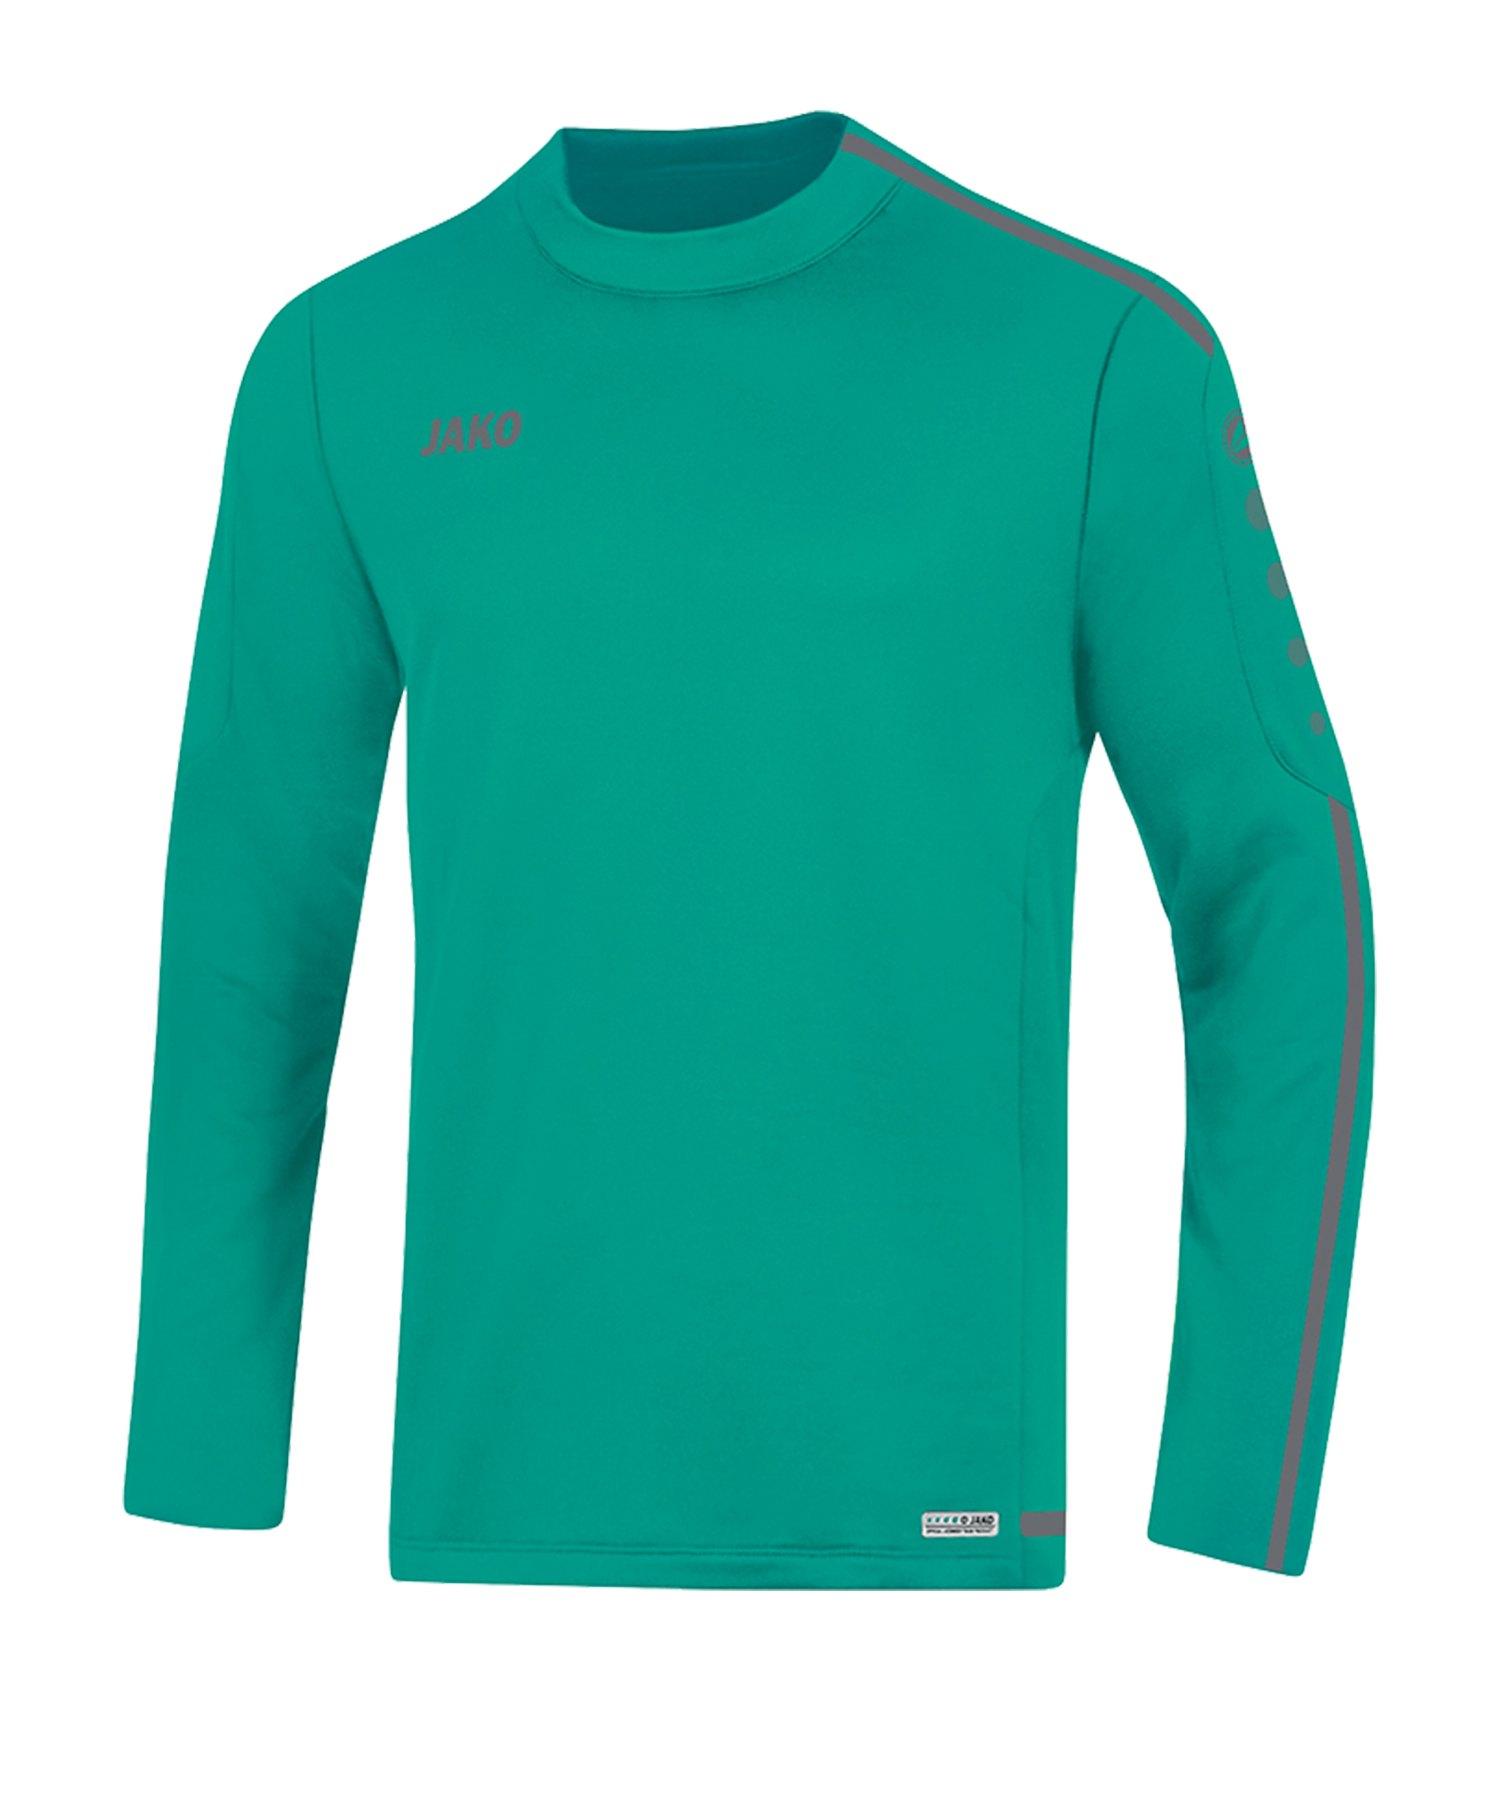 Jako Striker 2.0 Sweatshirt Türkis Grau F24 - gruen